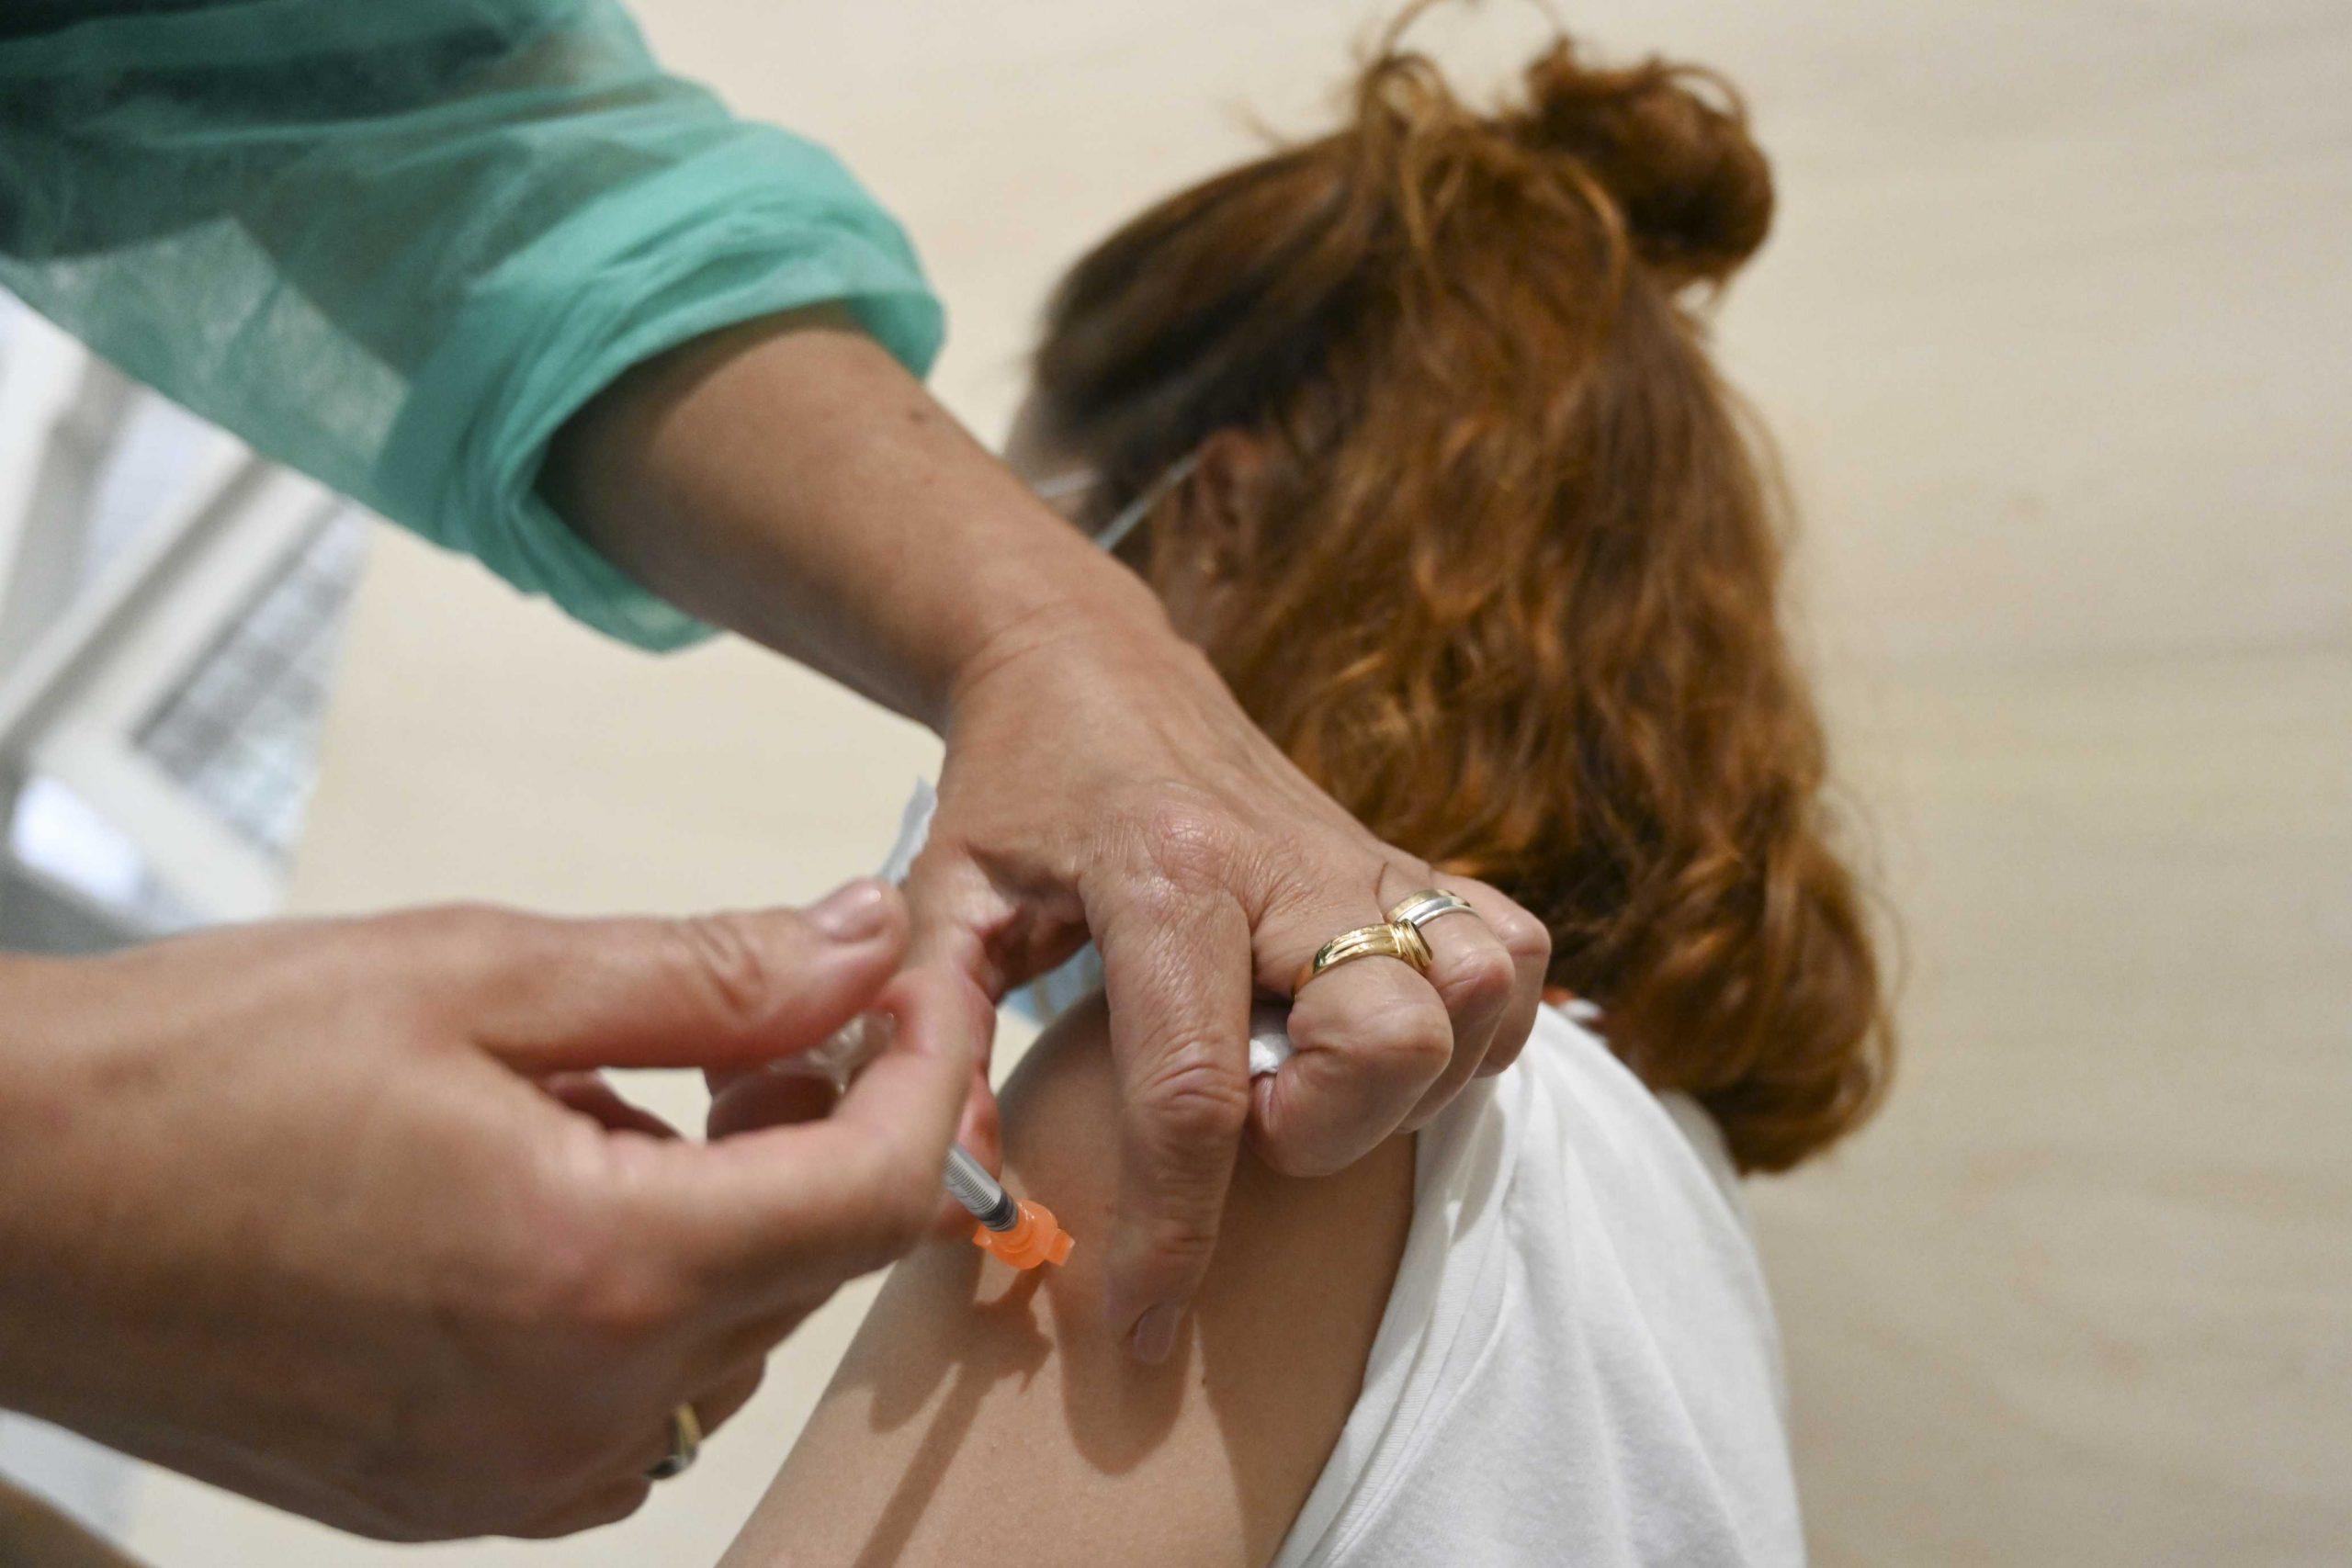 Disponível o autoagendamento para toma de vacina para mais de 37 anos